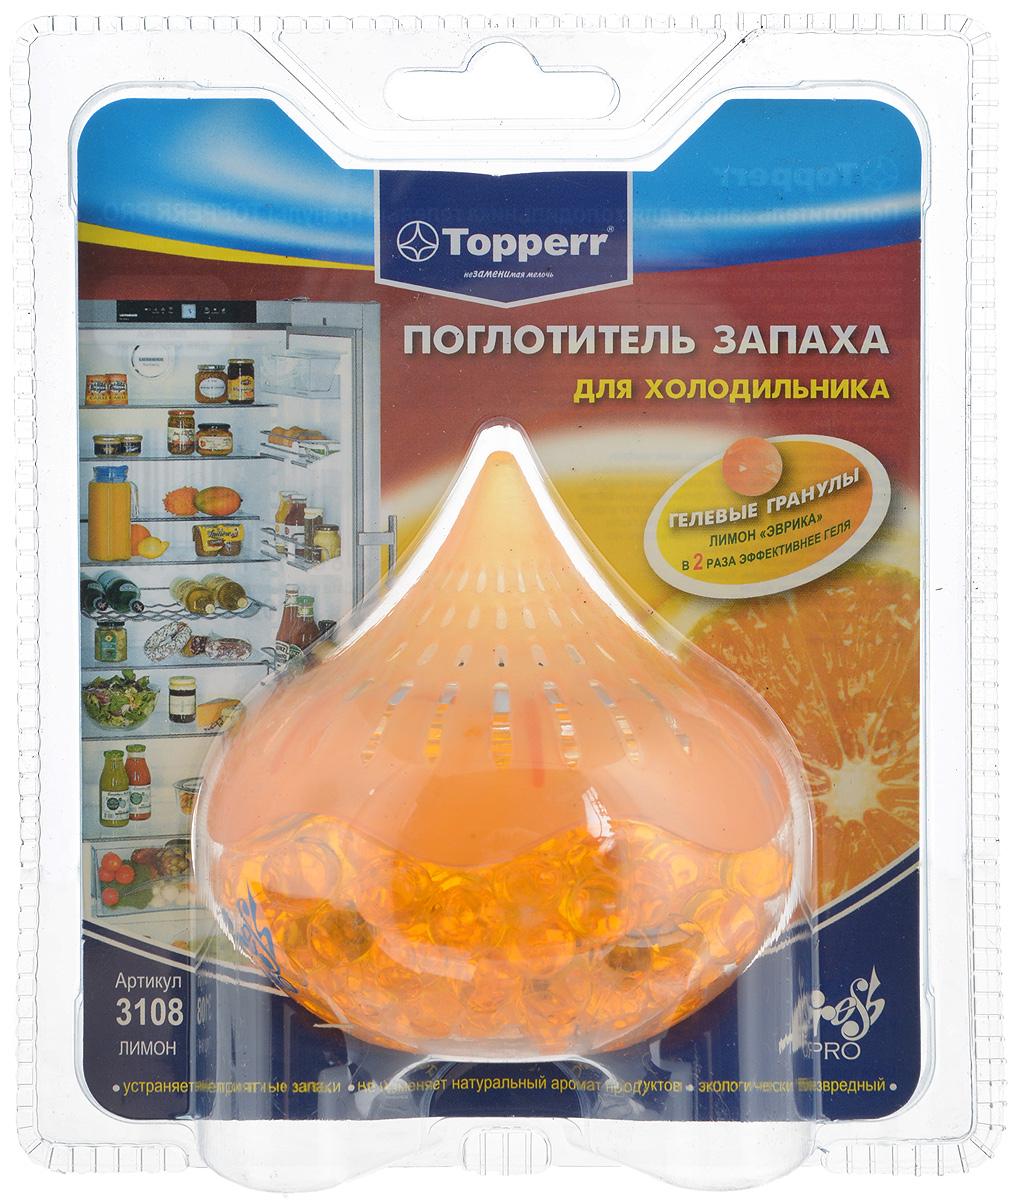 Поглотитель запаха для холодильника Topperr Лимон, гелевыйVT-1520(SR)Поглотитель запаха для холодильника Topperr Лимон изготовлен из безопасных минеральных и углеродных адсорбентов, экологически безвреден, предназначен для устранения неприятных запахов в холодильнике. Не воздействует на продукты и сохраняет их натуральные ароматы. Благодаря свой форме гелевые шарики позволяют свободно циркулировать воздуху, тем самым ускоряя процесс поглощения неприятного запаха вдвое по сравнению с другими поглотителями.Способ применения:Снимите защитную пленку, прикрепите круглую двустороннюю липучку на дно поглотителя, зафиксируйте поглотитель в любом удобном месте в вашем холодильнике.С момента вскрытия защитной упаковки эффективен 1,5 месяца.